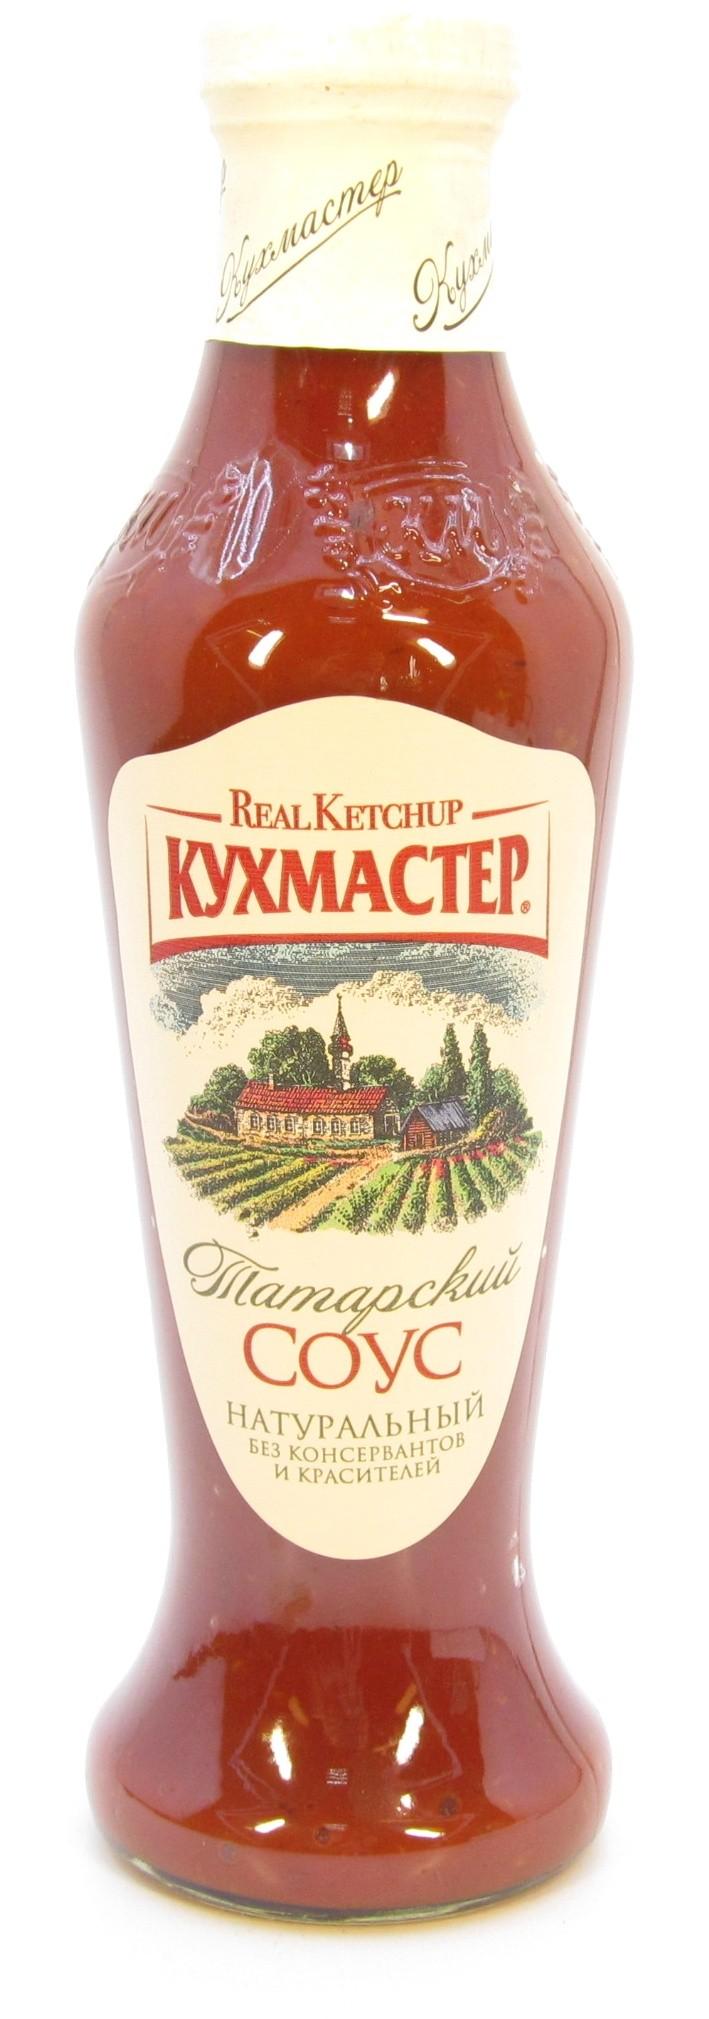 Kuhmaster Tatar Sauce, 17.63 oz/500 g